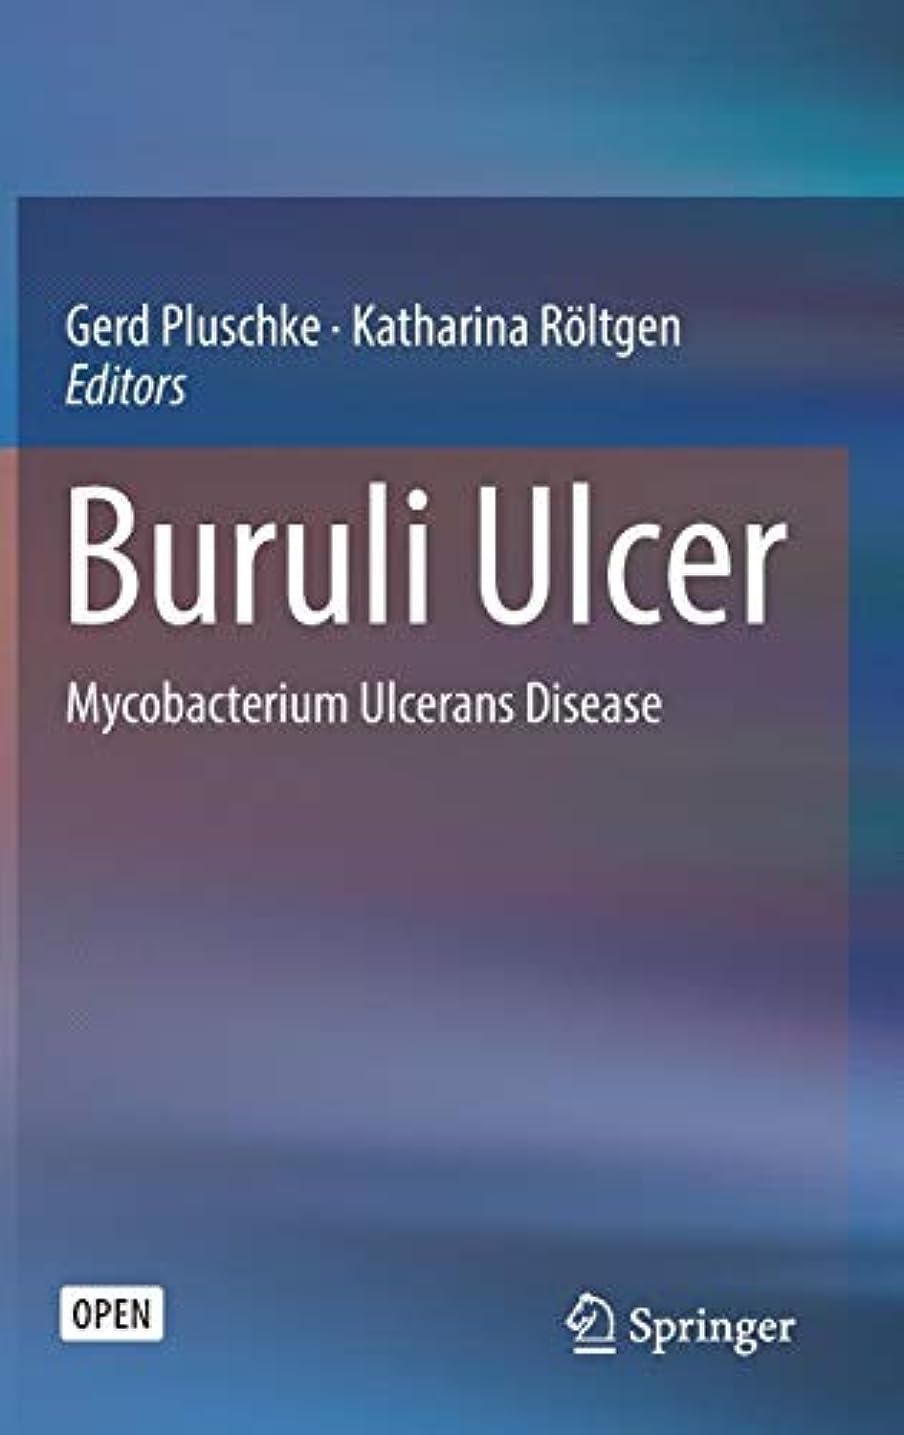 平手打ち解釈的広々としたBuruli Ulcer: Mycobacterium Ulcerans Disease